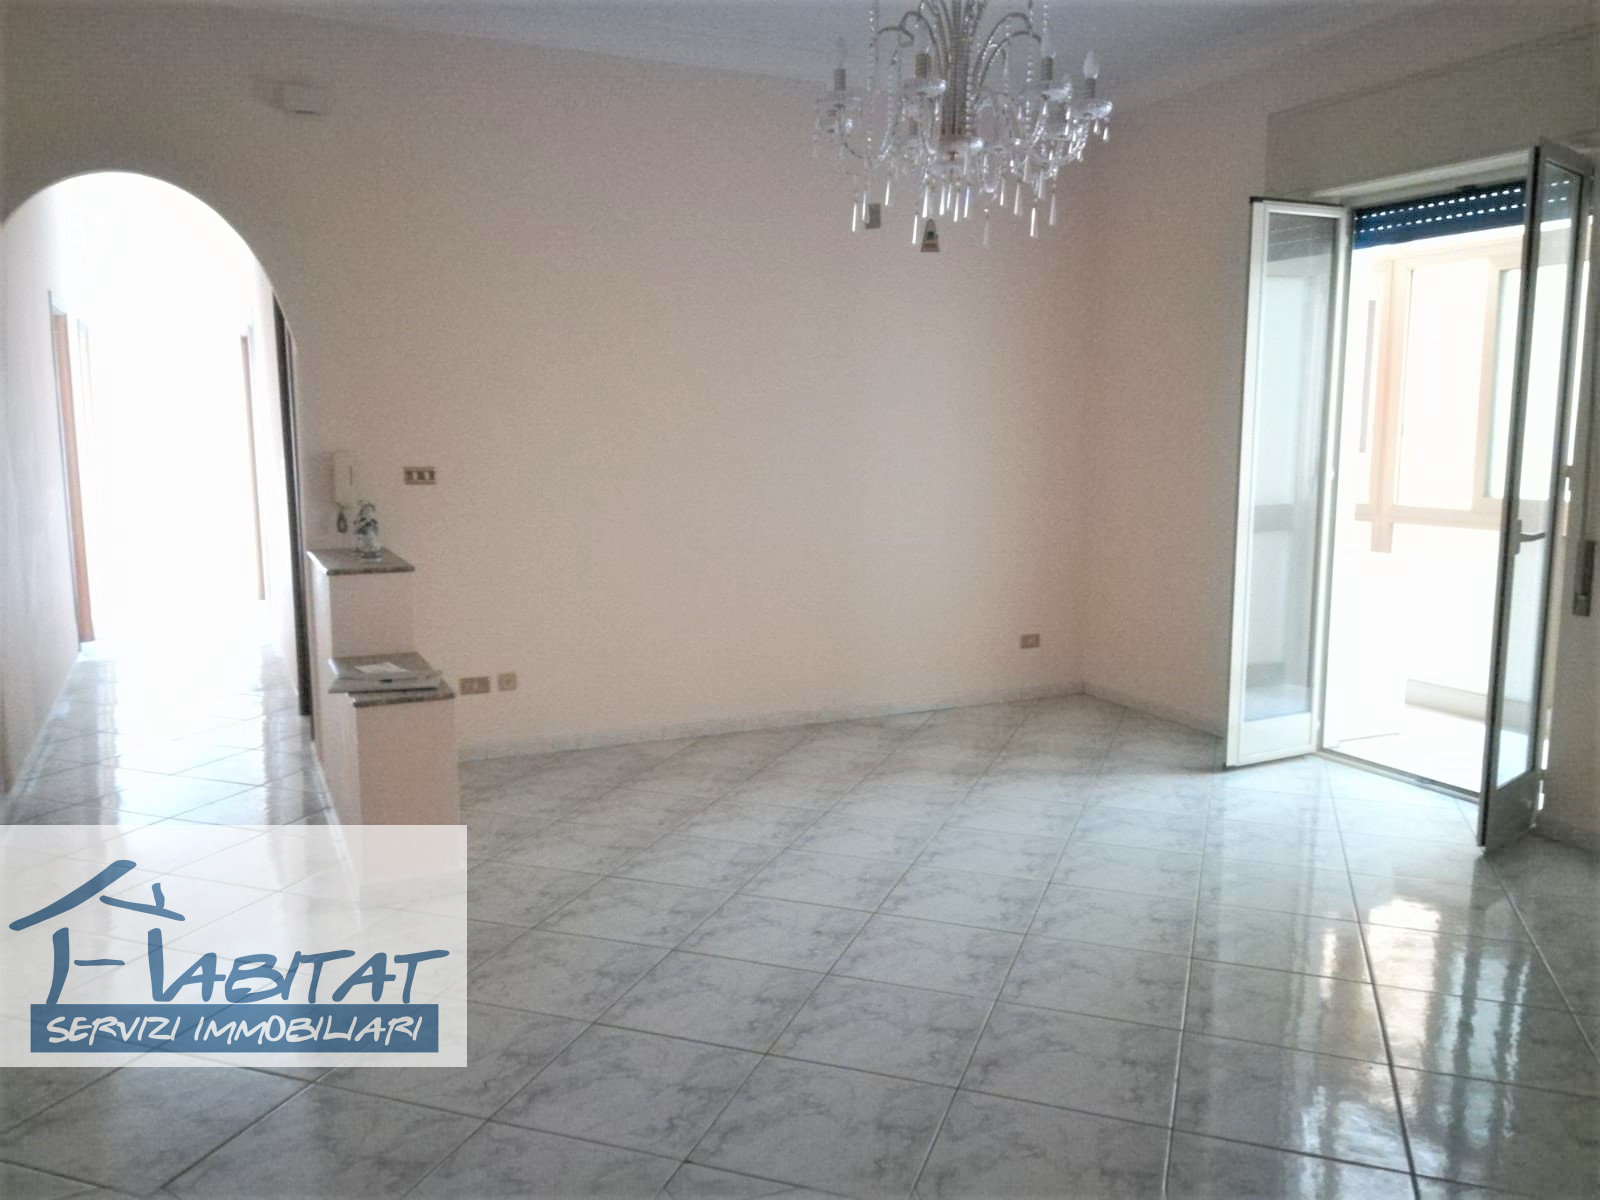 agrigento vendita quart: centro habitat immobiliare